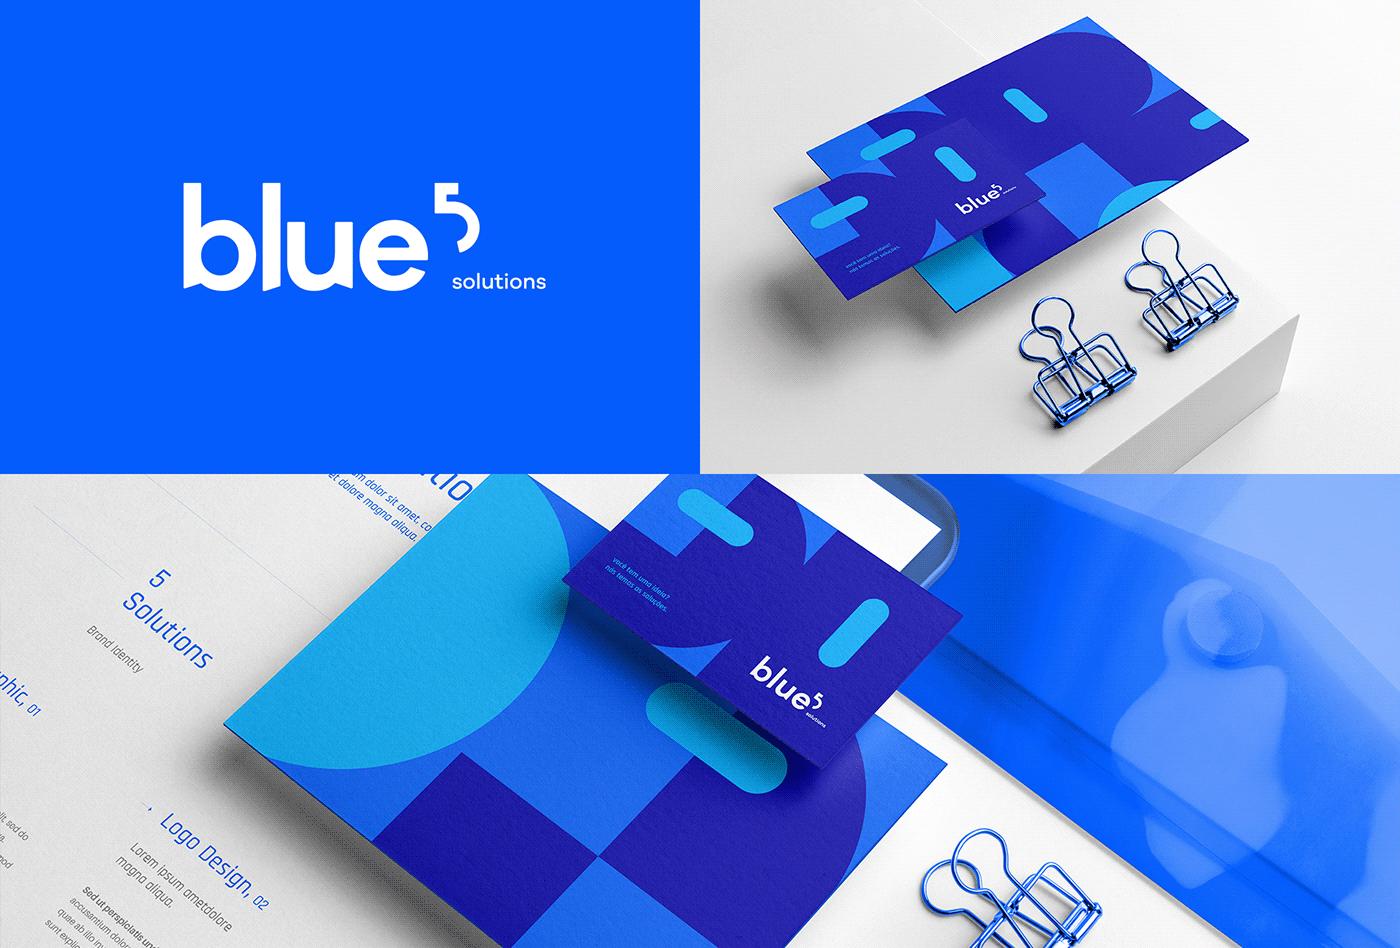 A imagem contém o logo da Blue 5 Solutions, uma representação de um cartão de visita e papelaria.